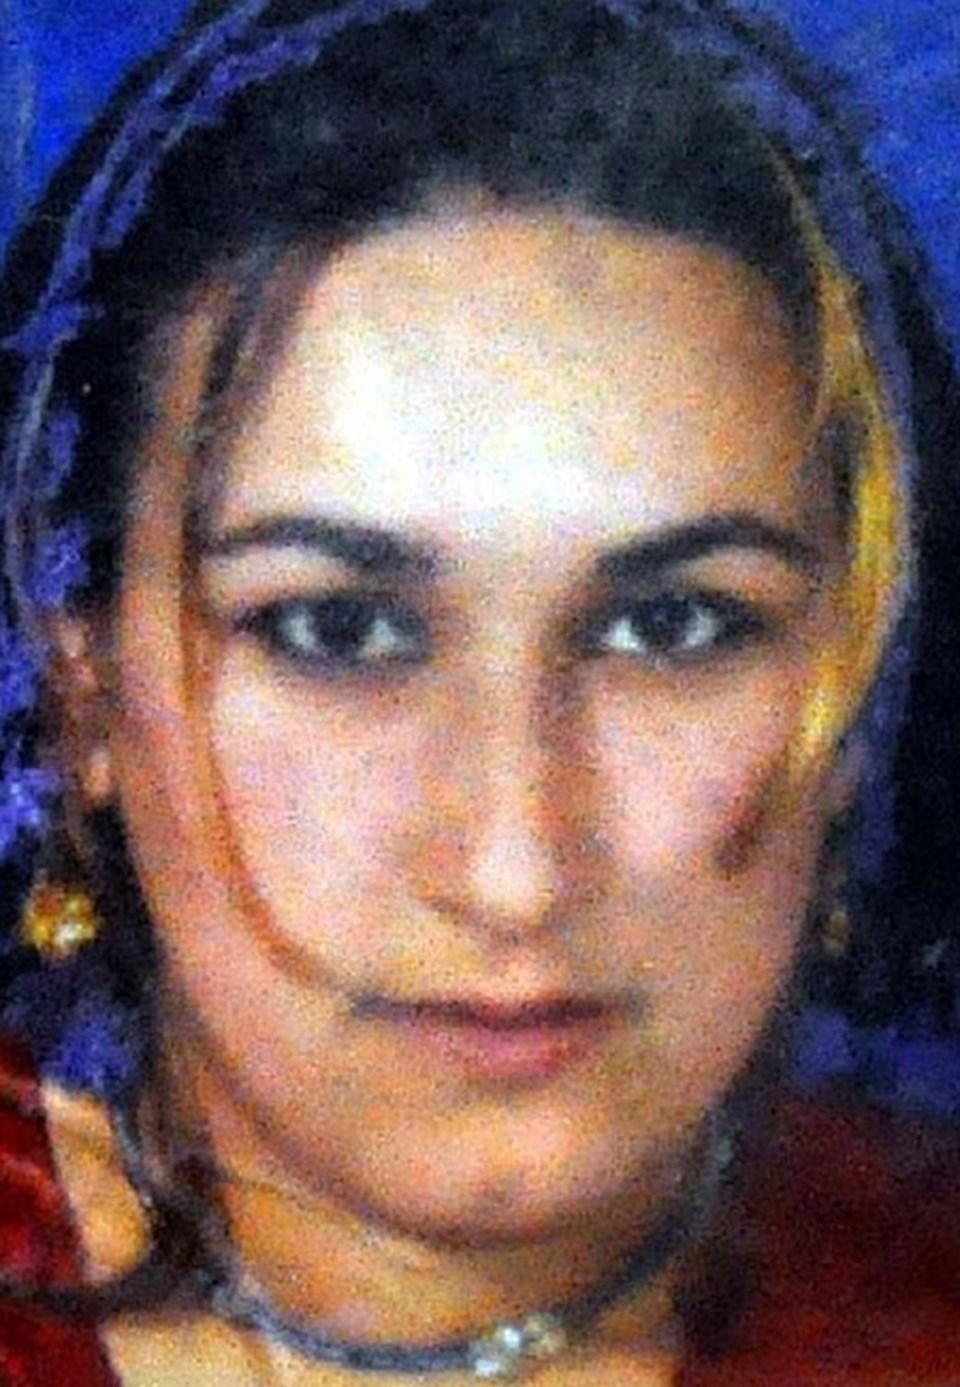 Yapılan incelemede Metin Avcı'nın eşini cezaevi kantininden aldığı 3 santimlik bıçakla boğazını keserek öldürdüğü, genç kadının çağrı butonuna basamadığı anlaşıldı